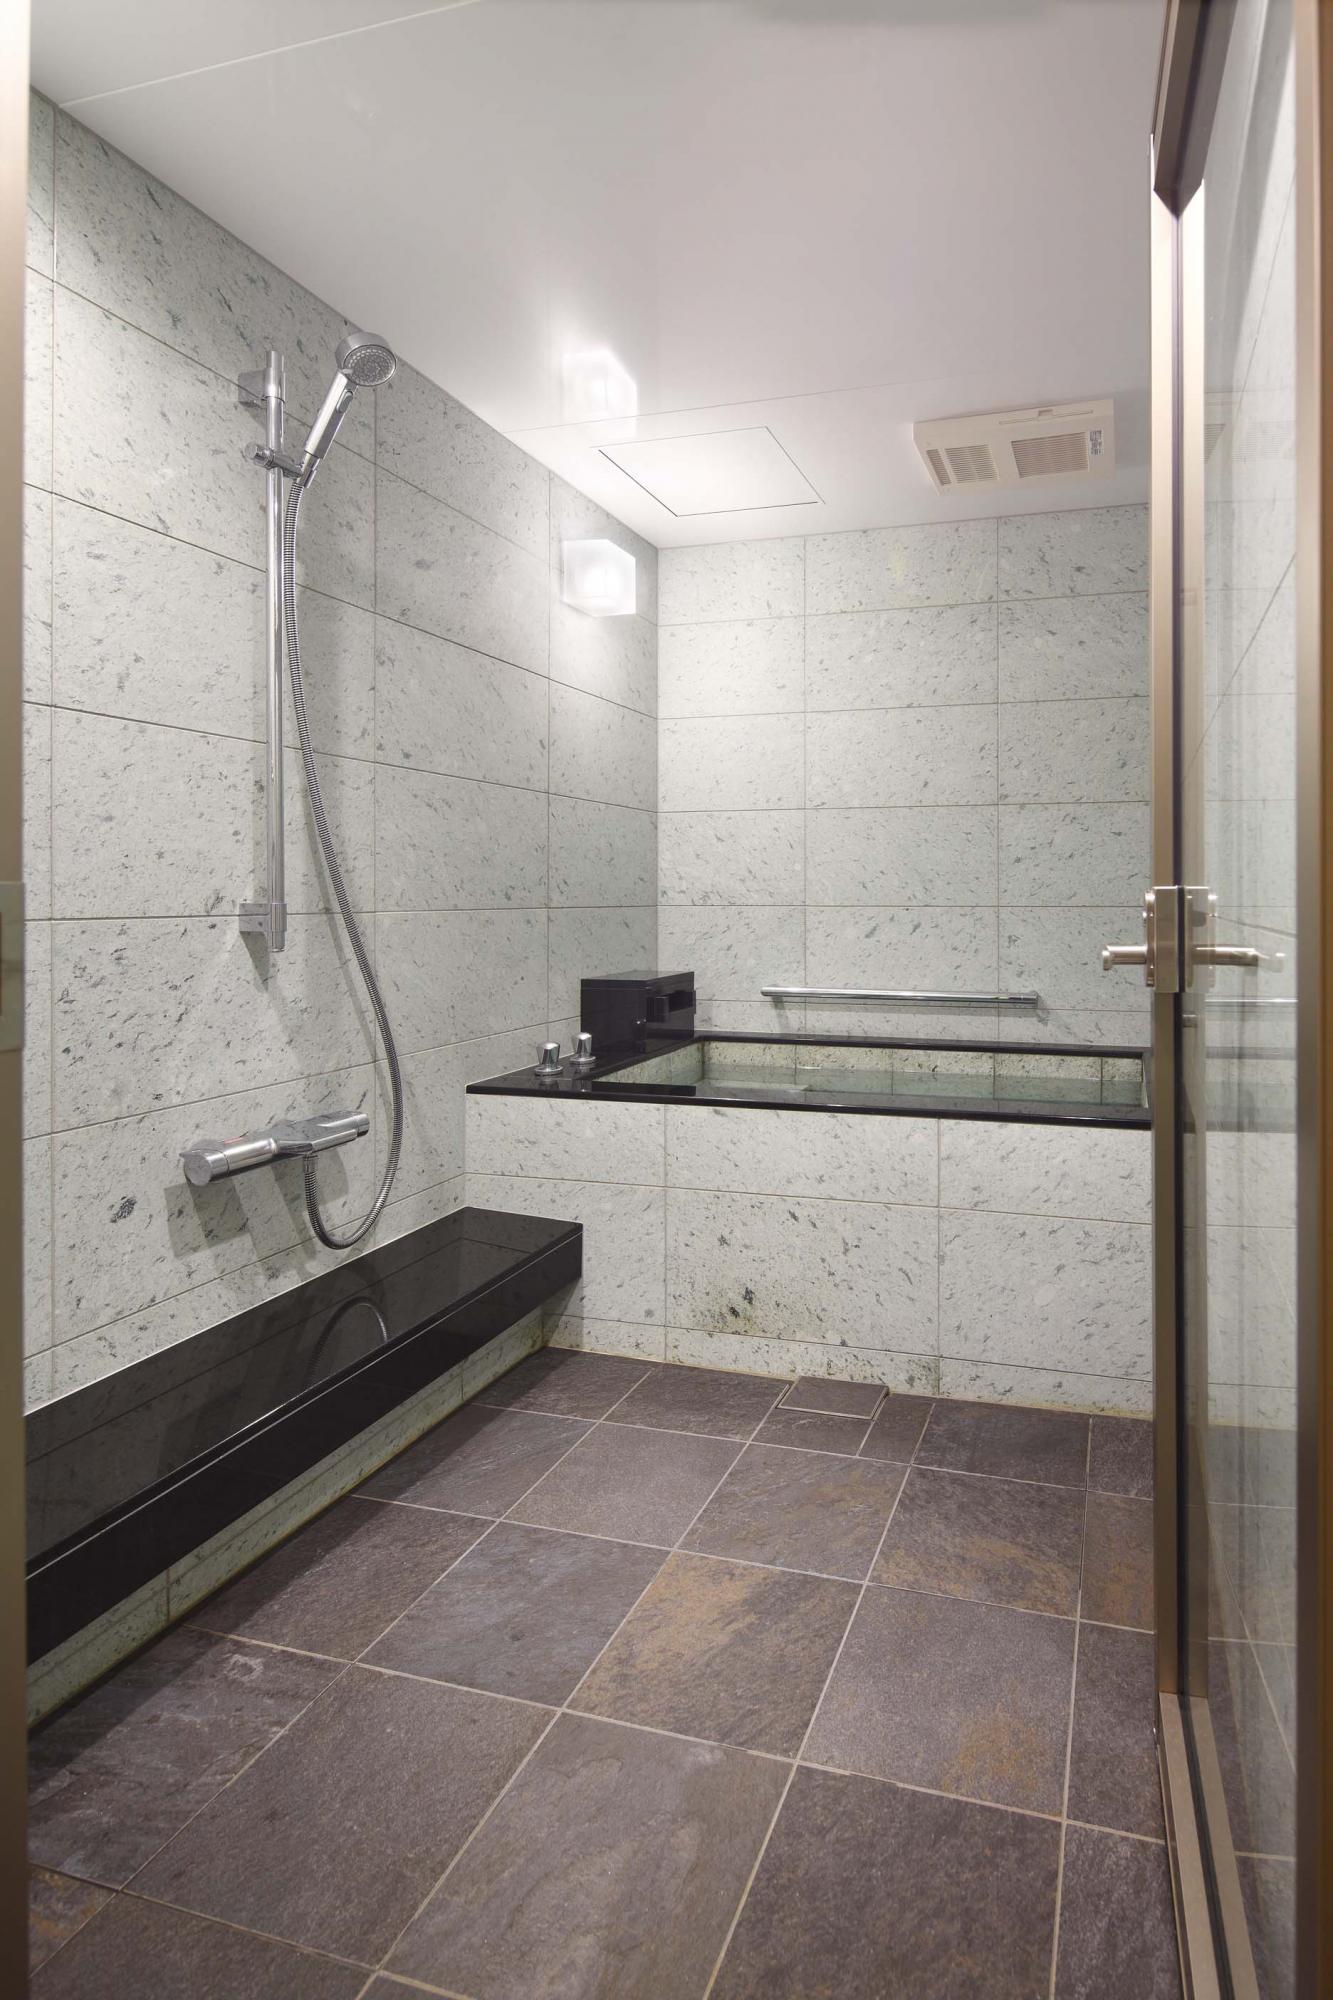 バスルームの扉は透明ガラスで視線を通し、明るさと広がりを。壁面と浴槽は水に濡れると緑帯びて美しい十和田石を貼って仕上げた